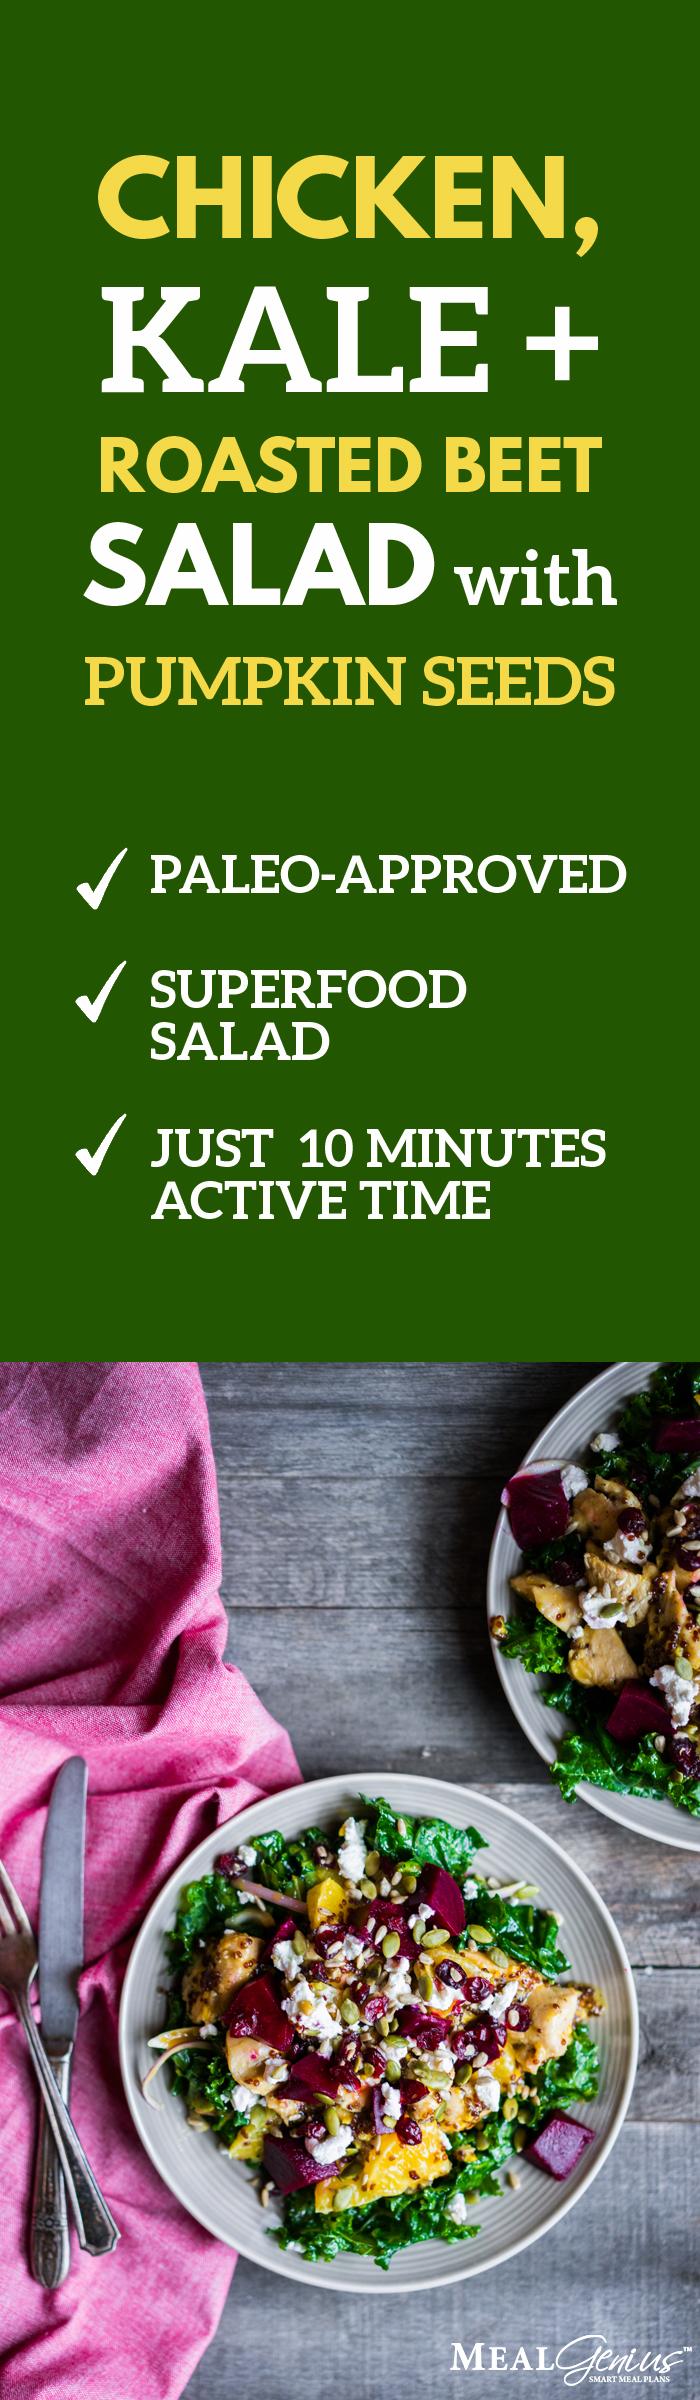 Chicken Kale Beet Salad - Meal Genius